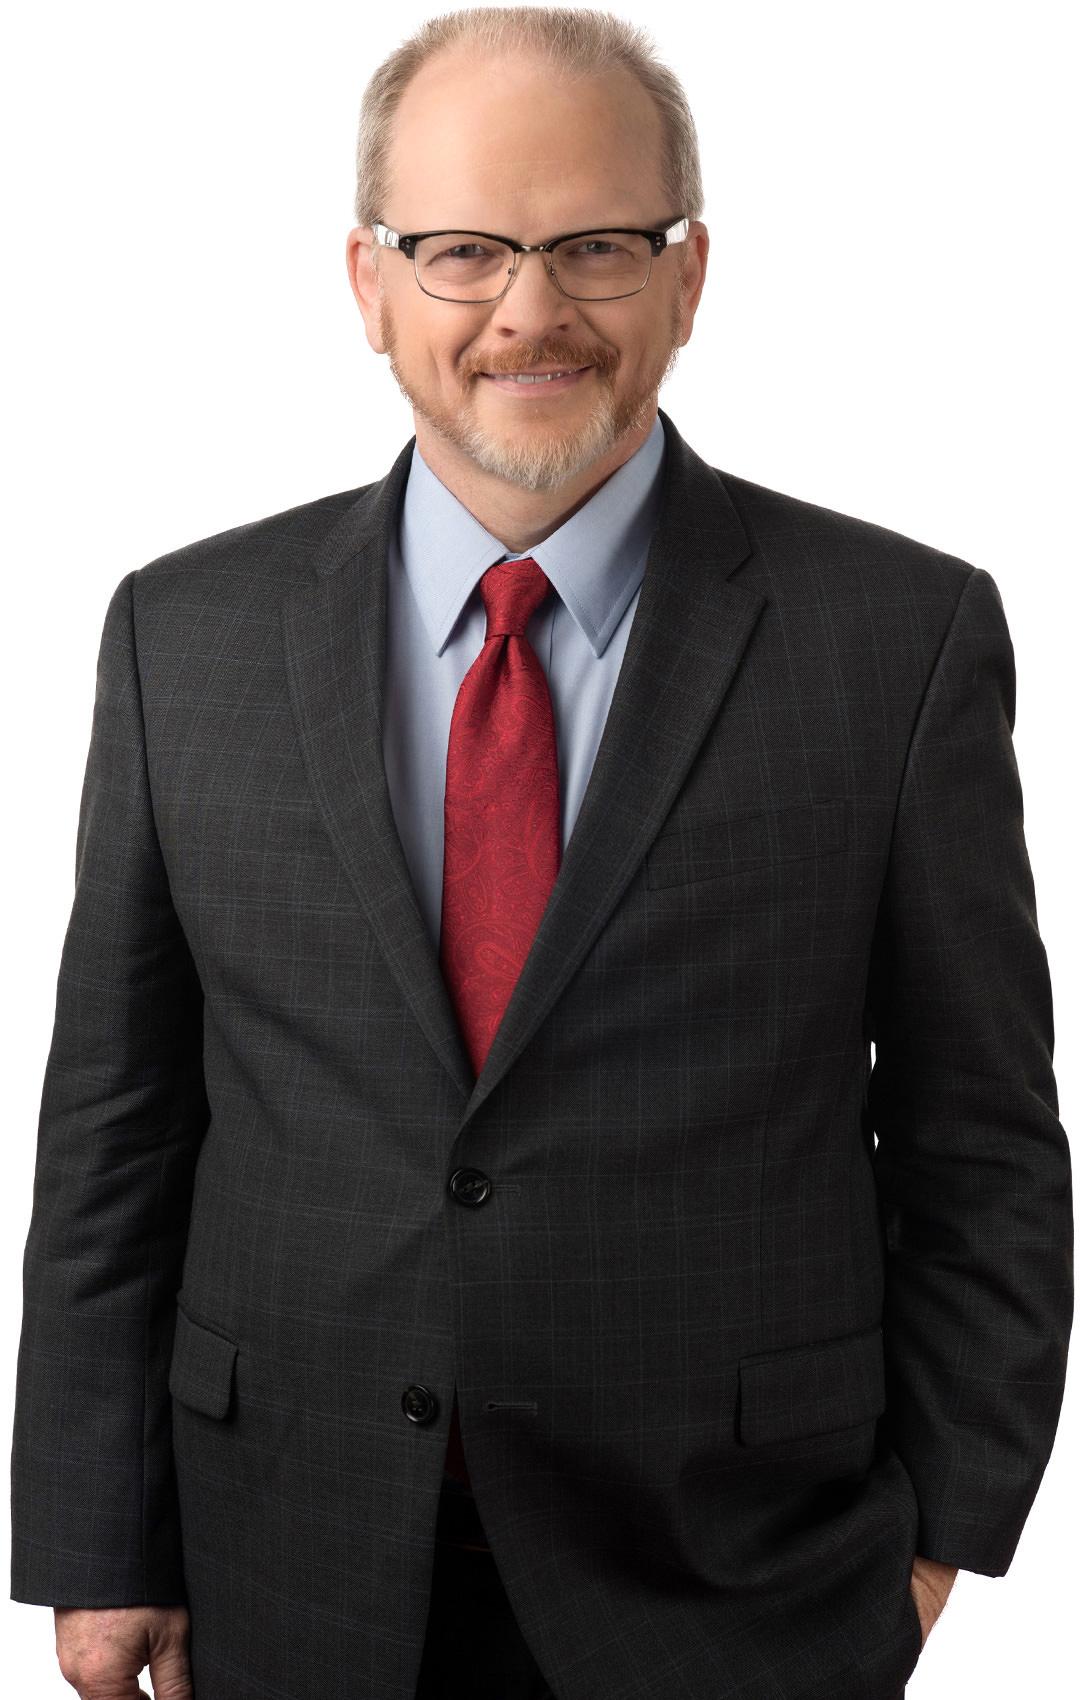 Mark A. Stafford